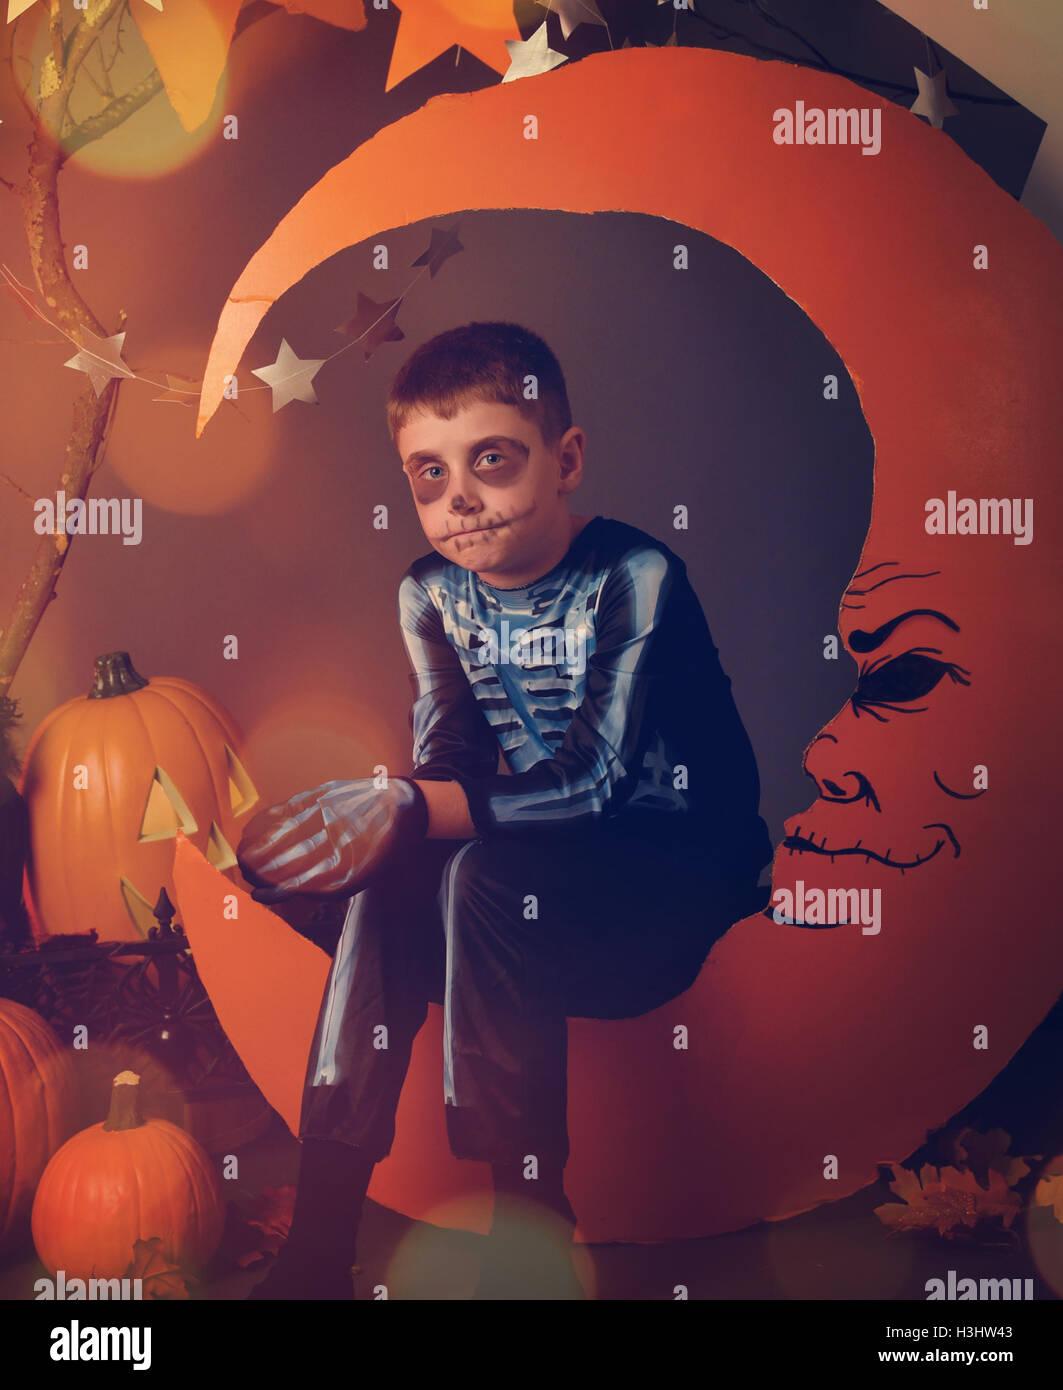 Un garçon est vêtu d'un costume de squelette Halloween et assis sur une lune orange avec un visage et des étoiles pour un portrait de nuit. Banque D'Images